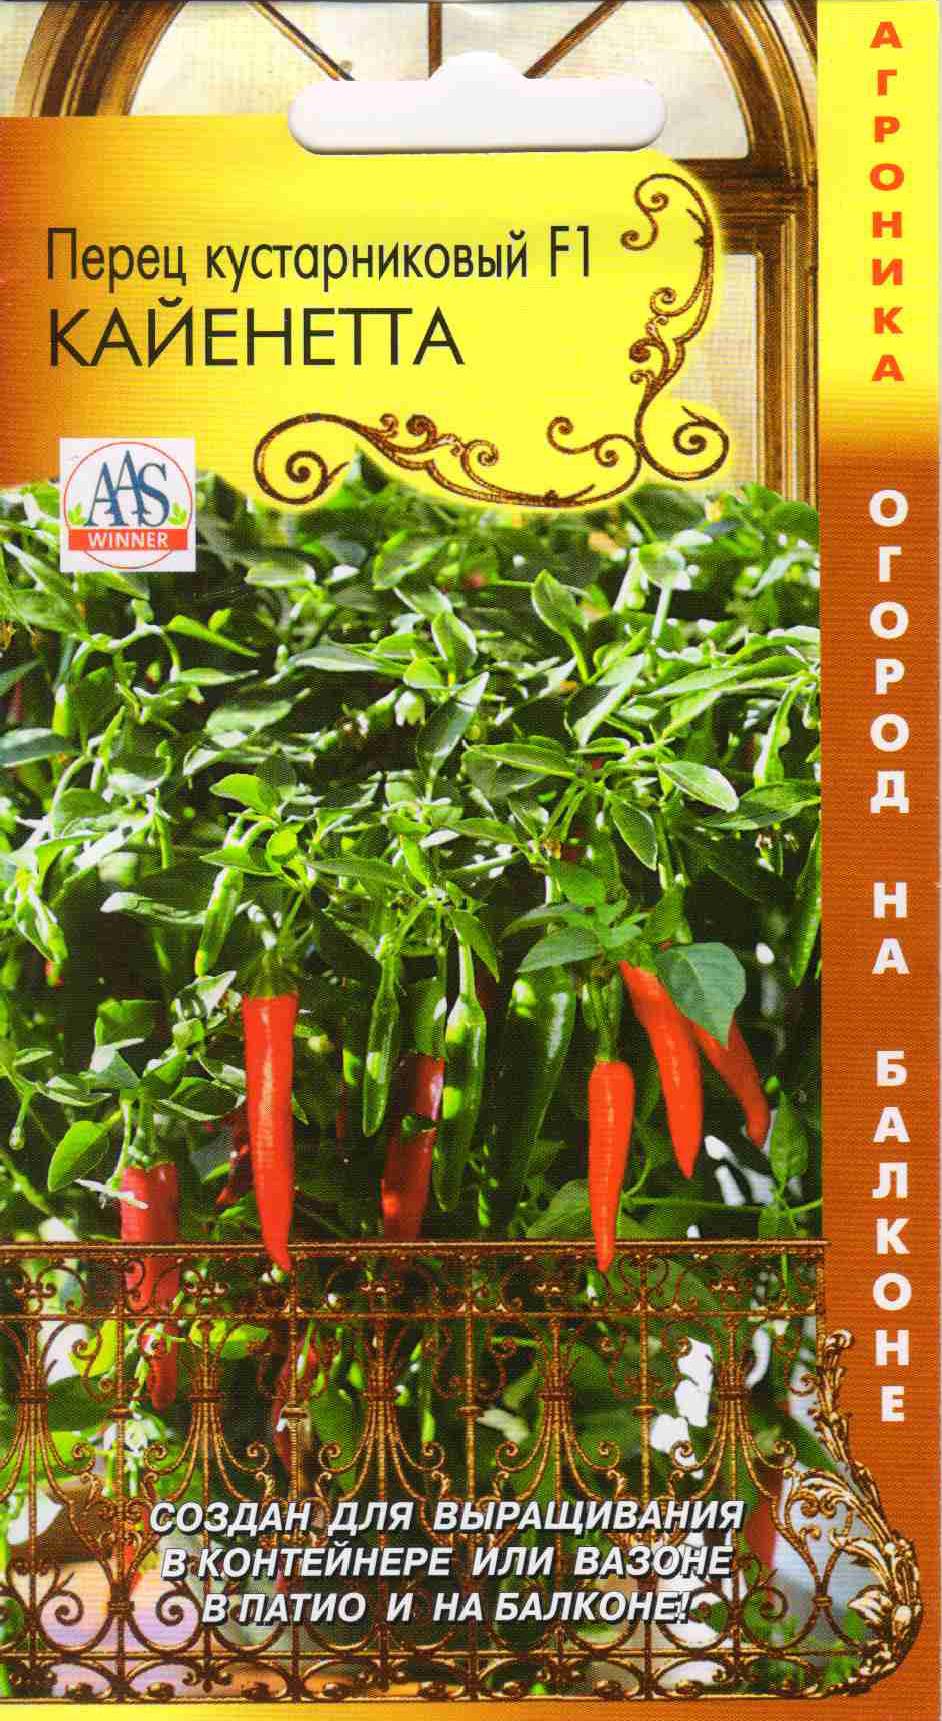 Перец кустарниковый f1 кайенетта - купить семена овощей и тр.